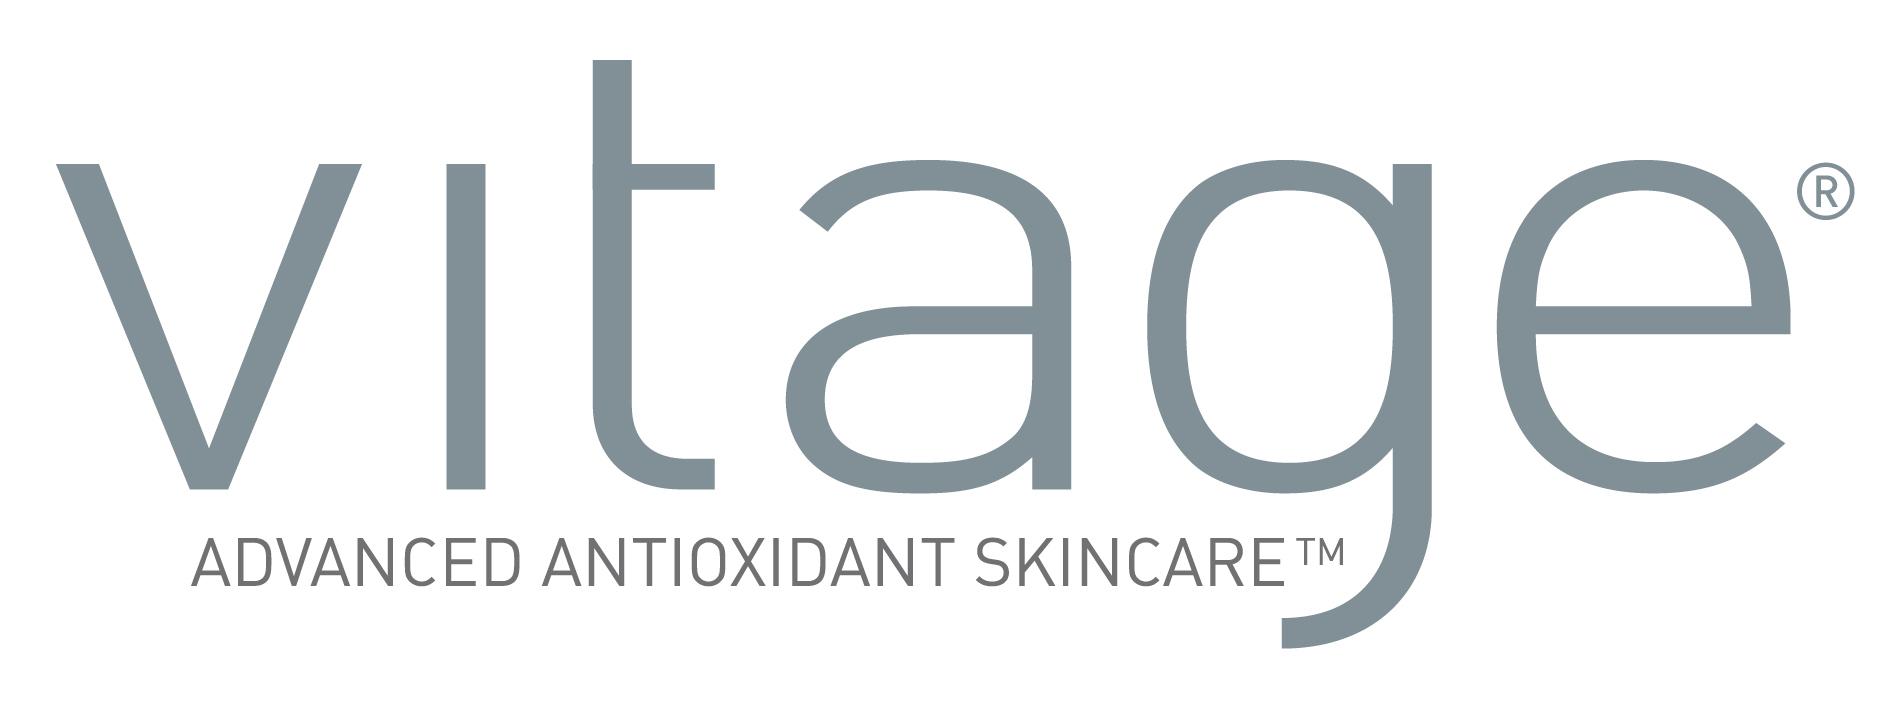 Vitage Antioxidant Logo